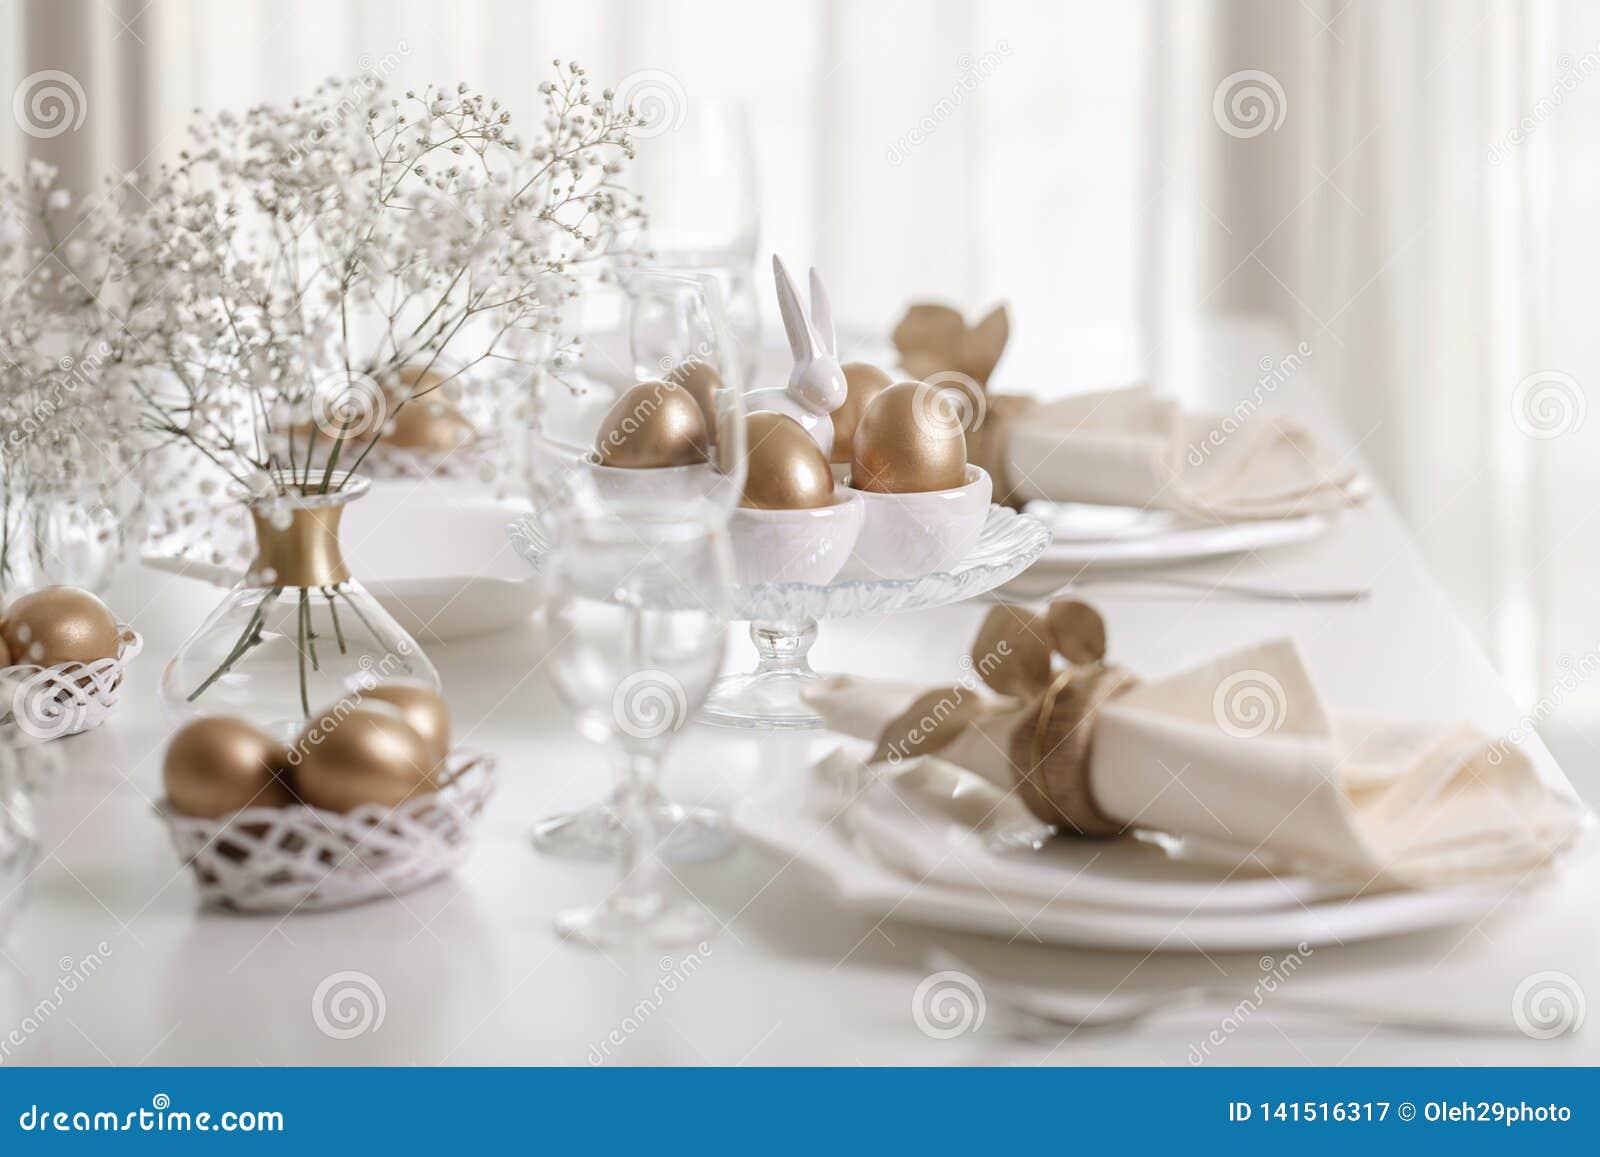 Lycklig påsk! Guld- dekor- och tabellinställning av påsktabellen med vit disk av vit färg